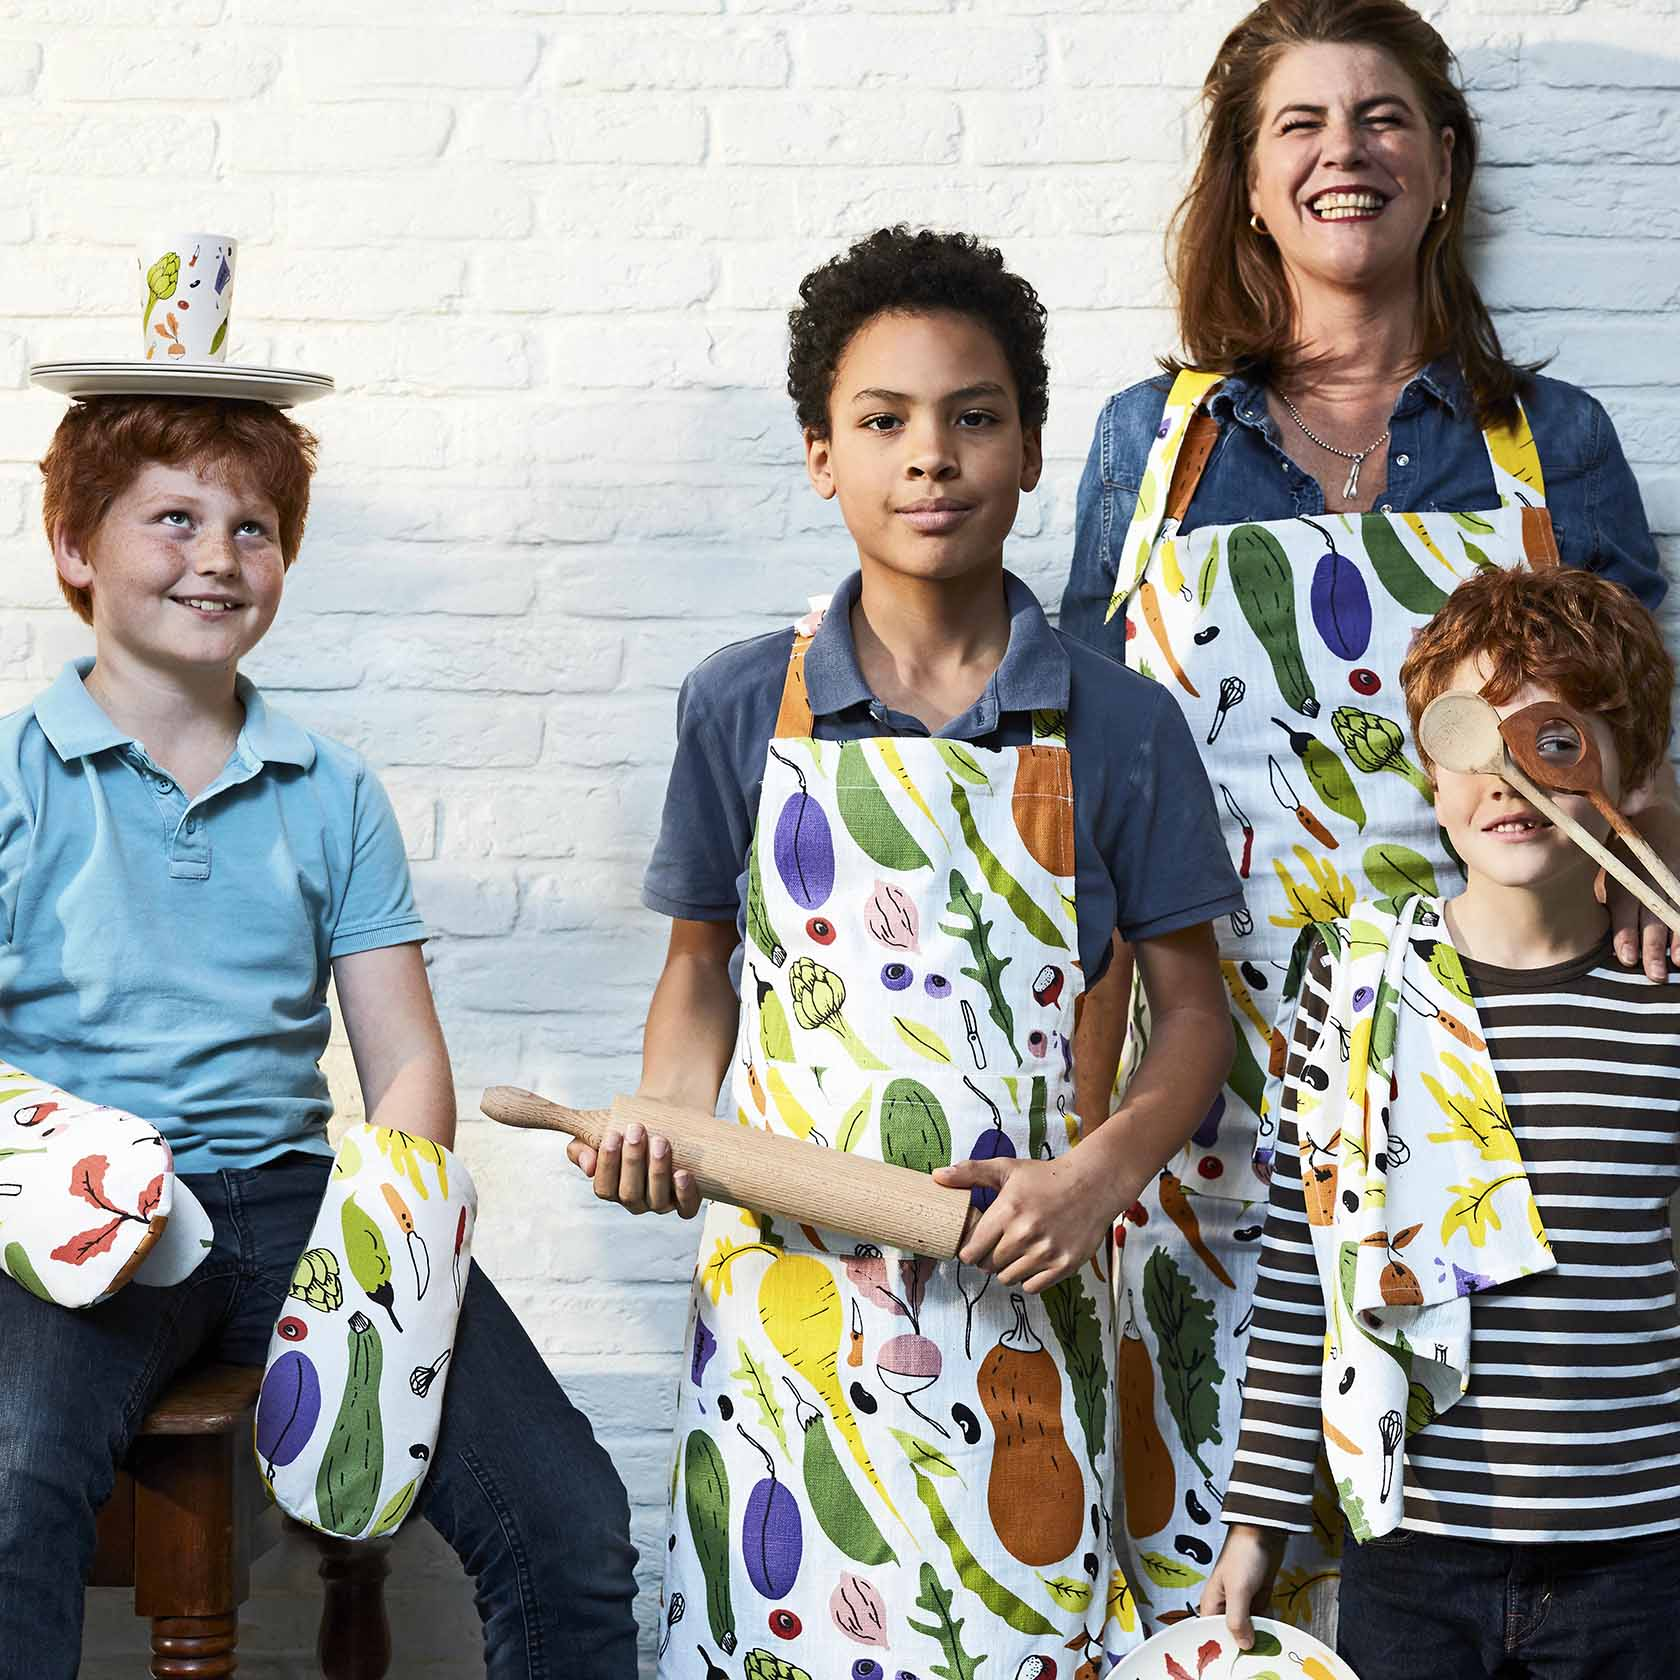 Yvette van Boven apron